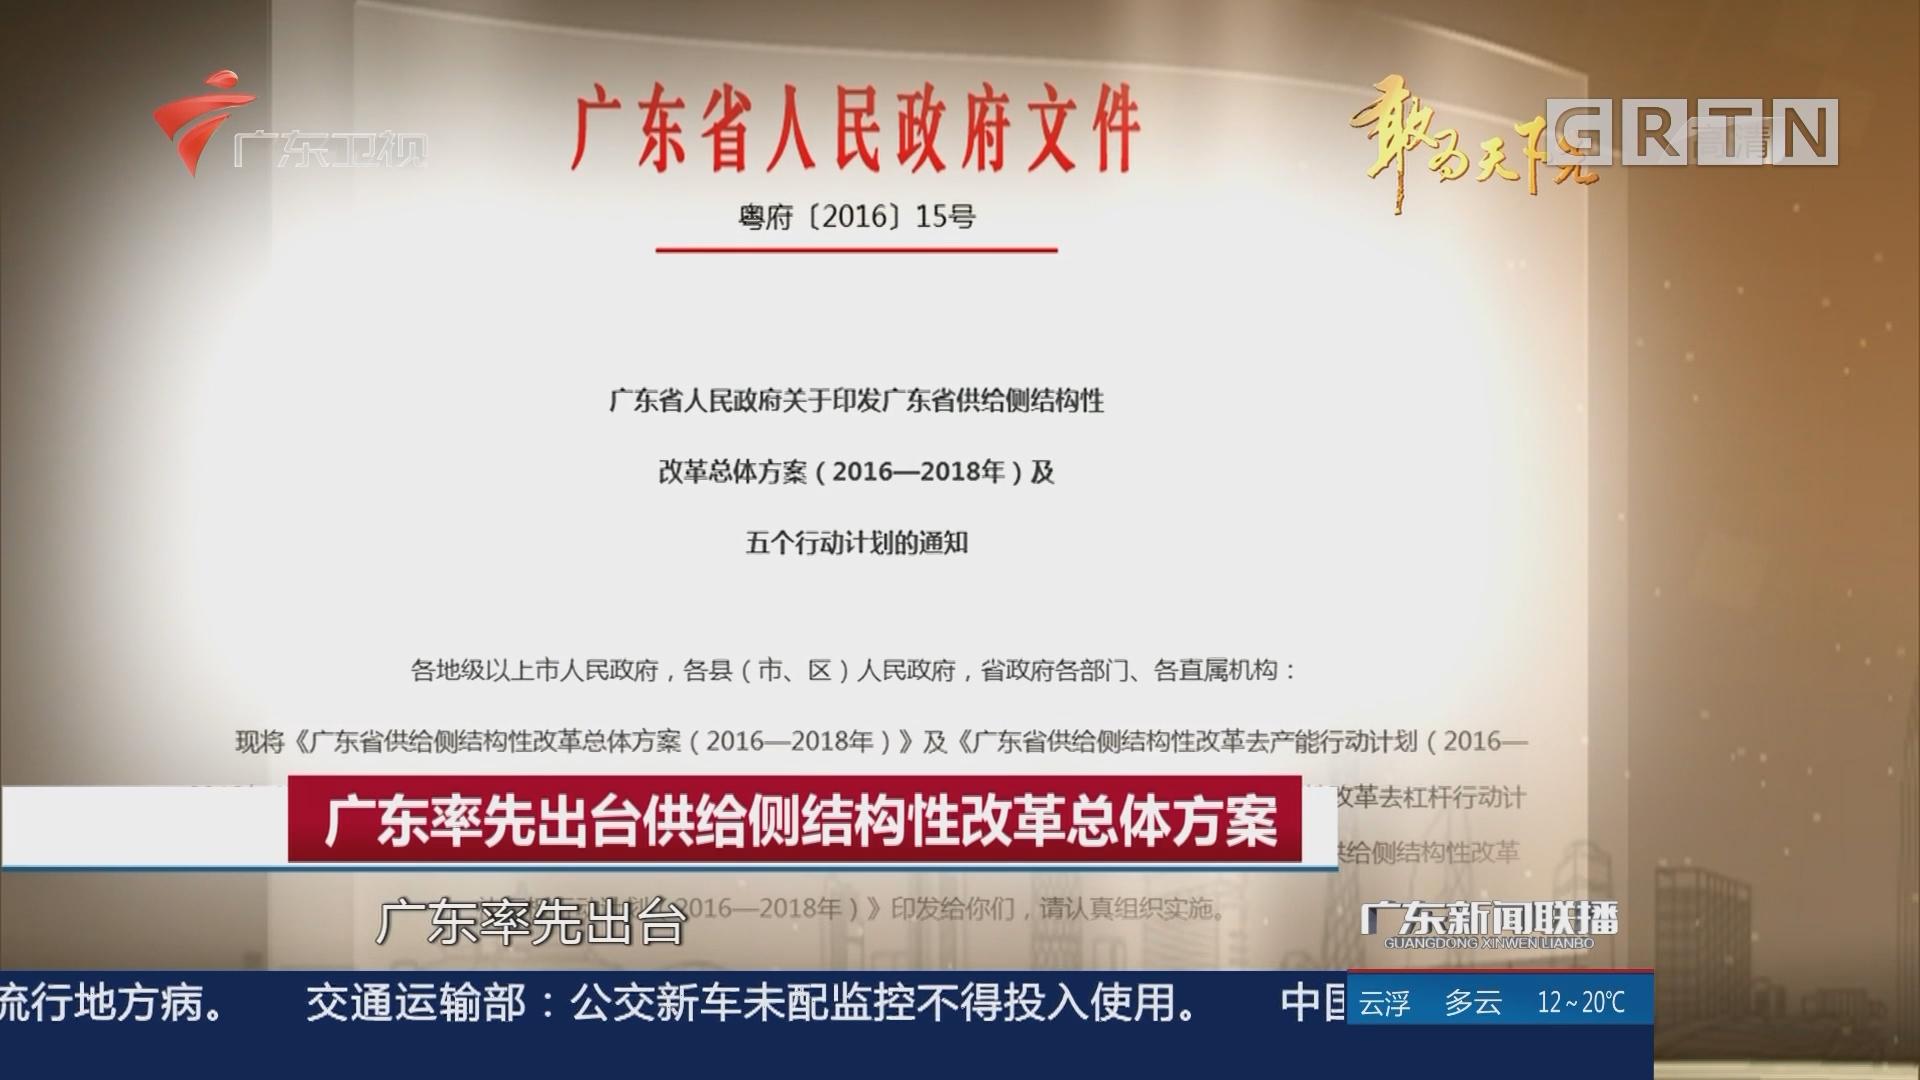 广东率先出台供给侧结构性改革总体方案